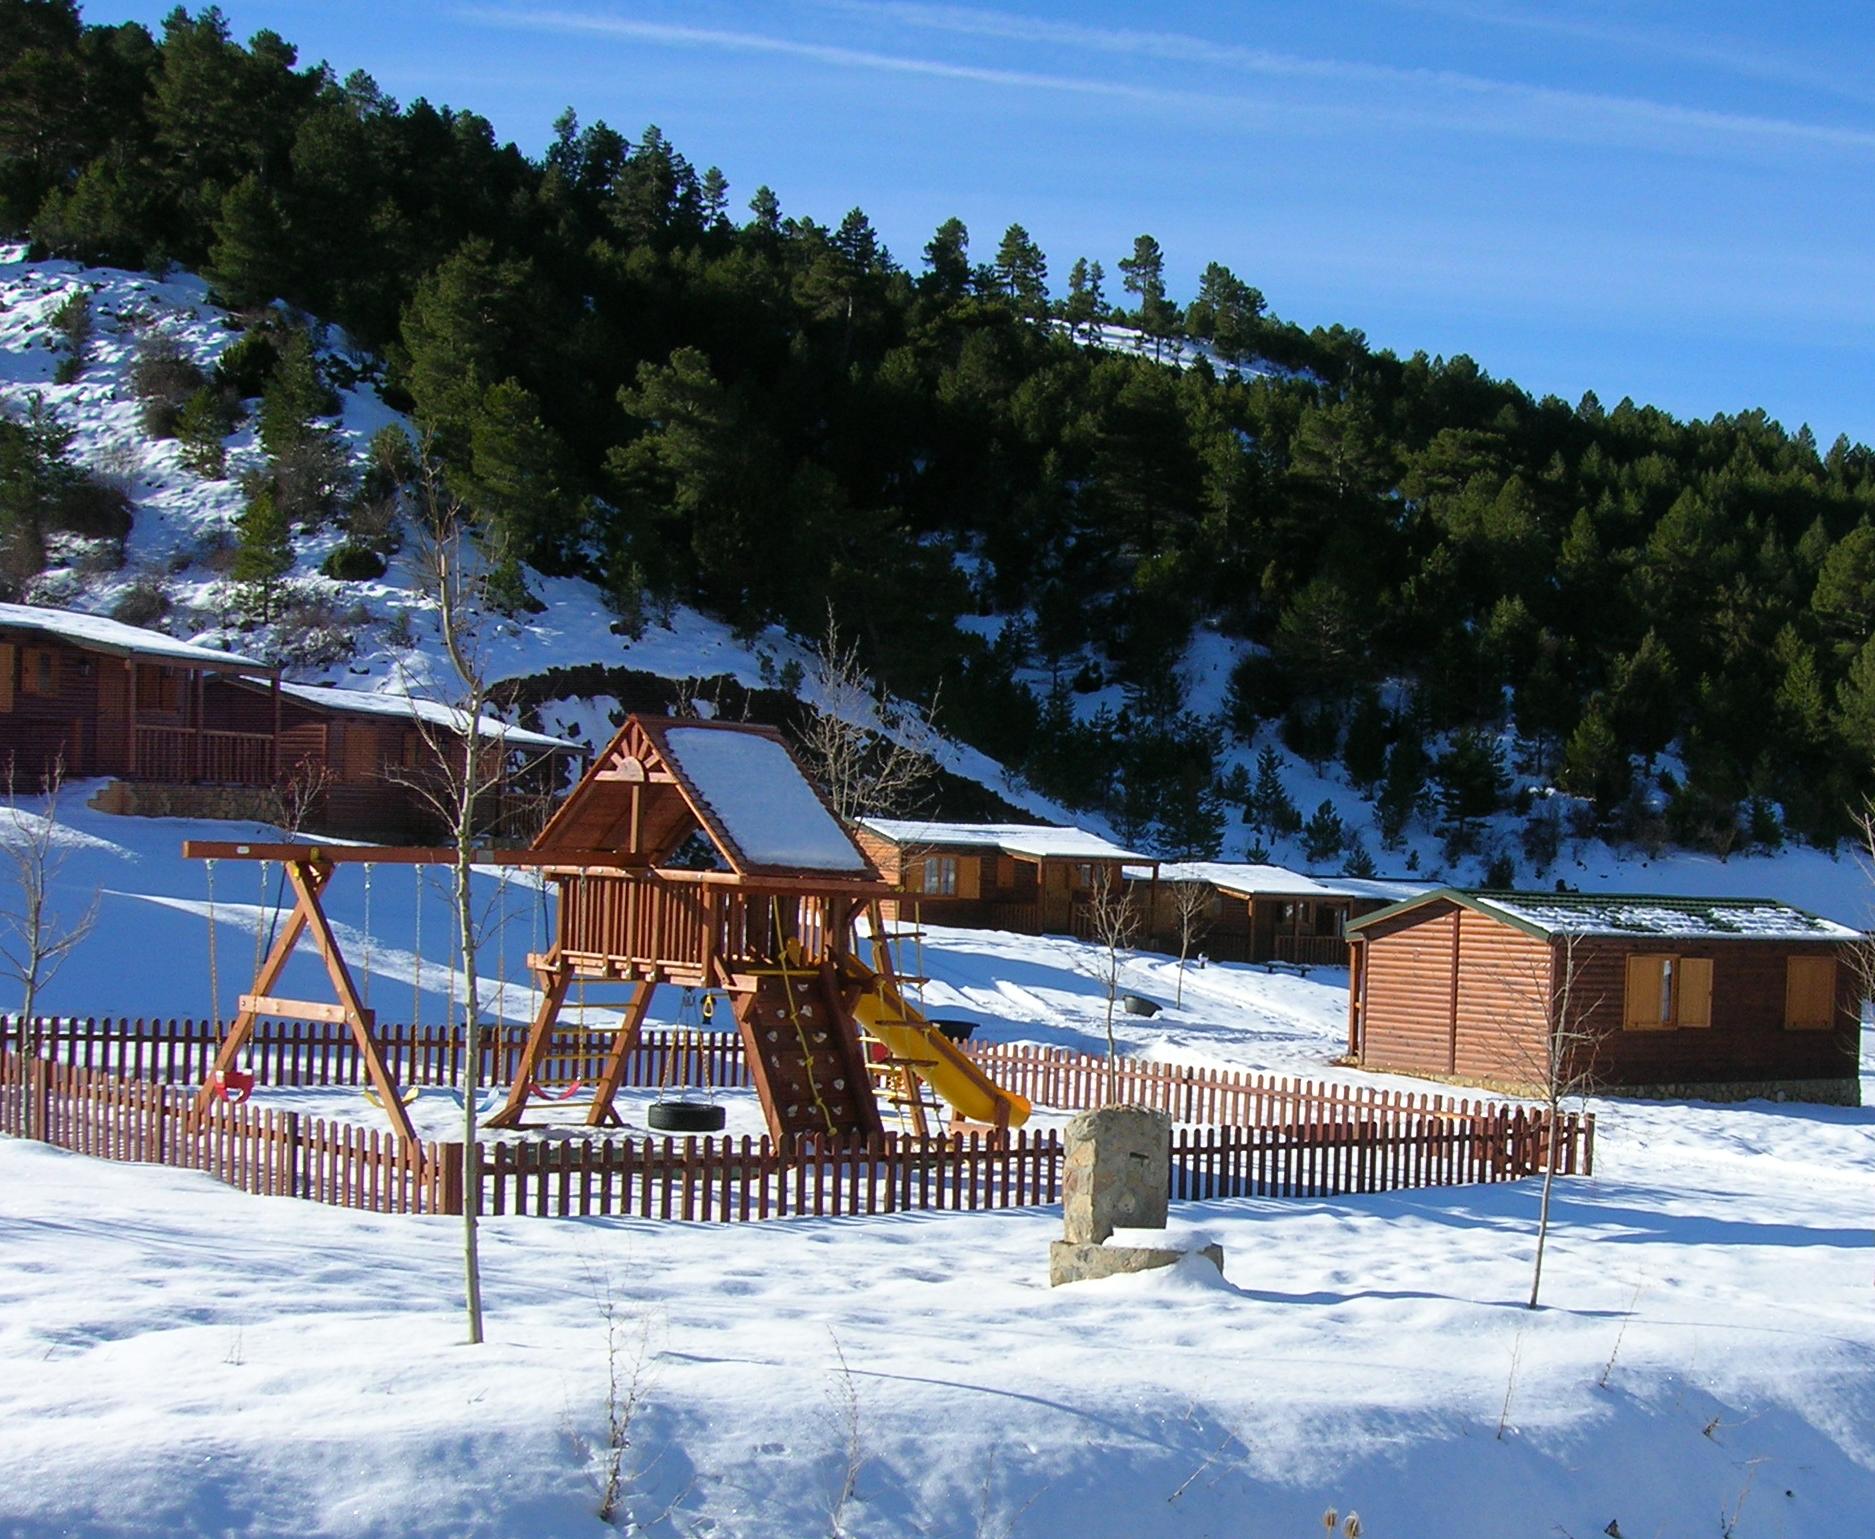 Cabaas de madera en la nieve excellent descargar la - Cabanas de madera en la nieve ...